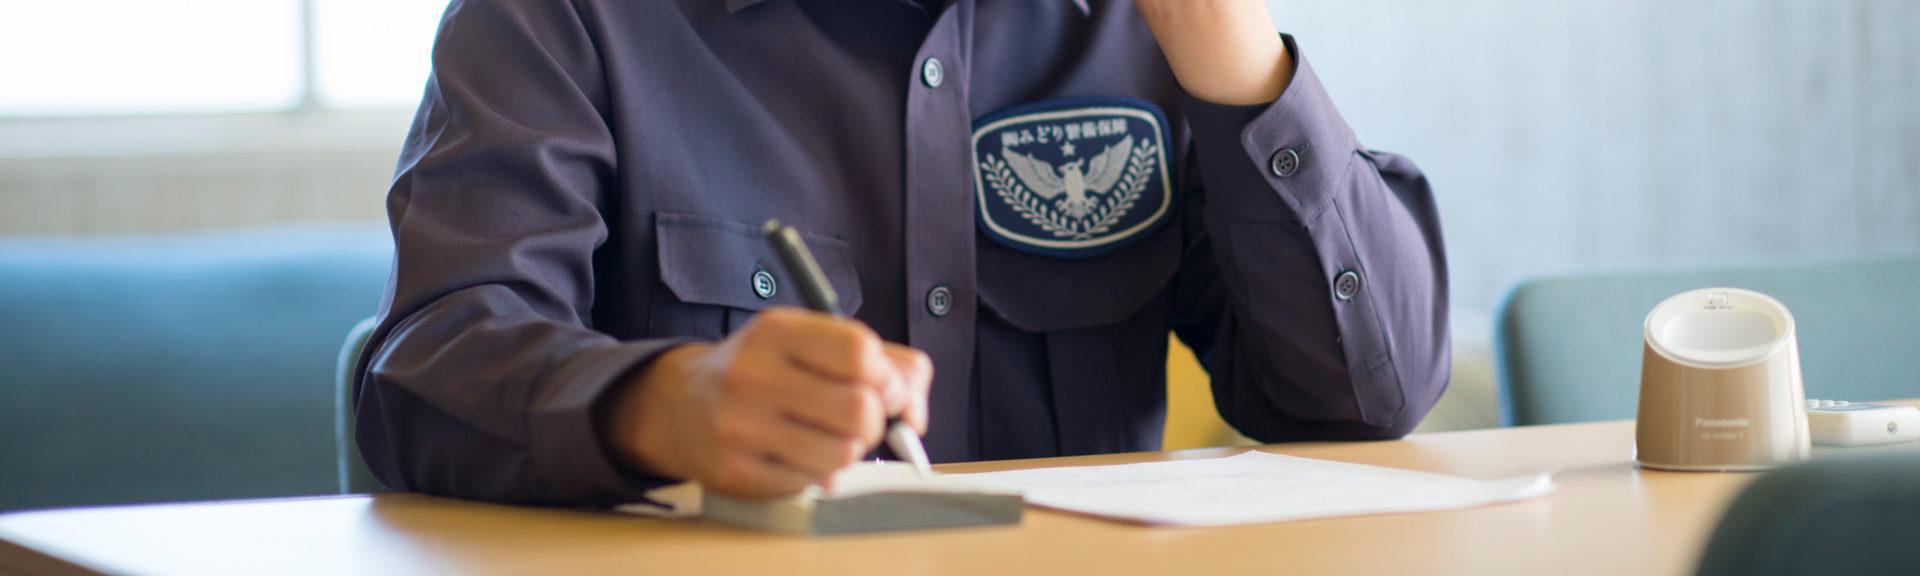 三重県松阪市の警備会社、株式会社みどり警備保障へのお問合わせ